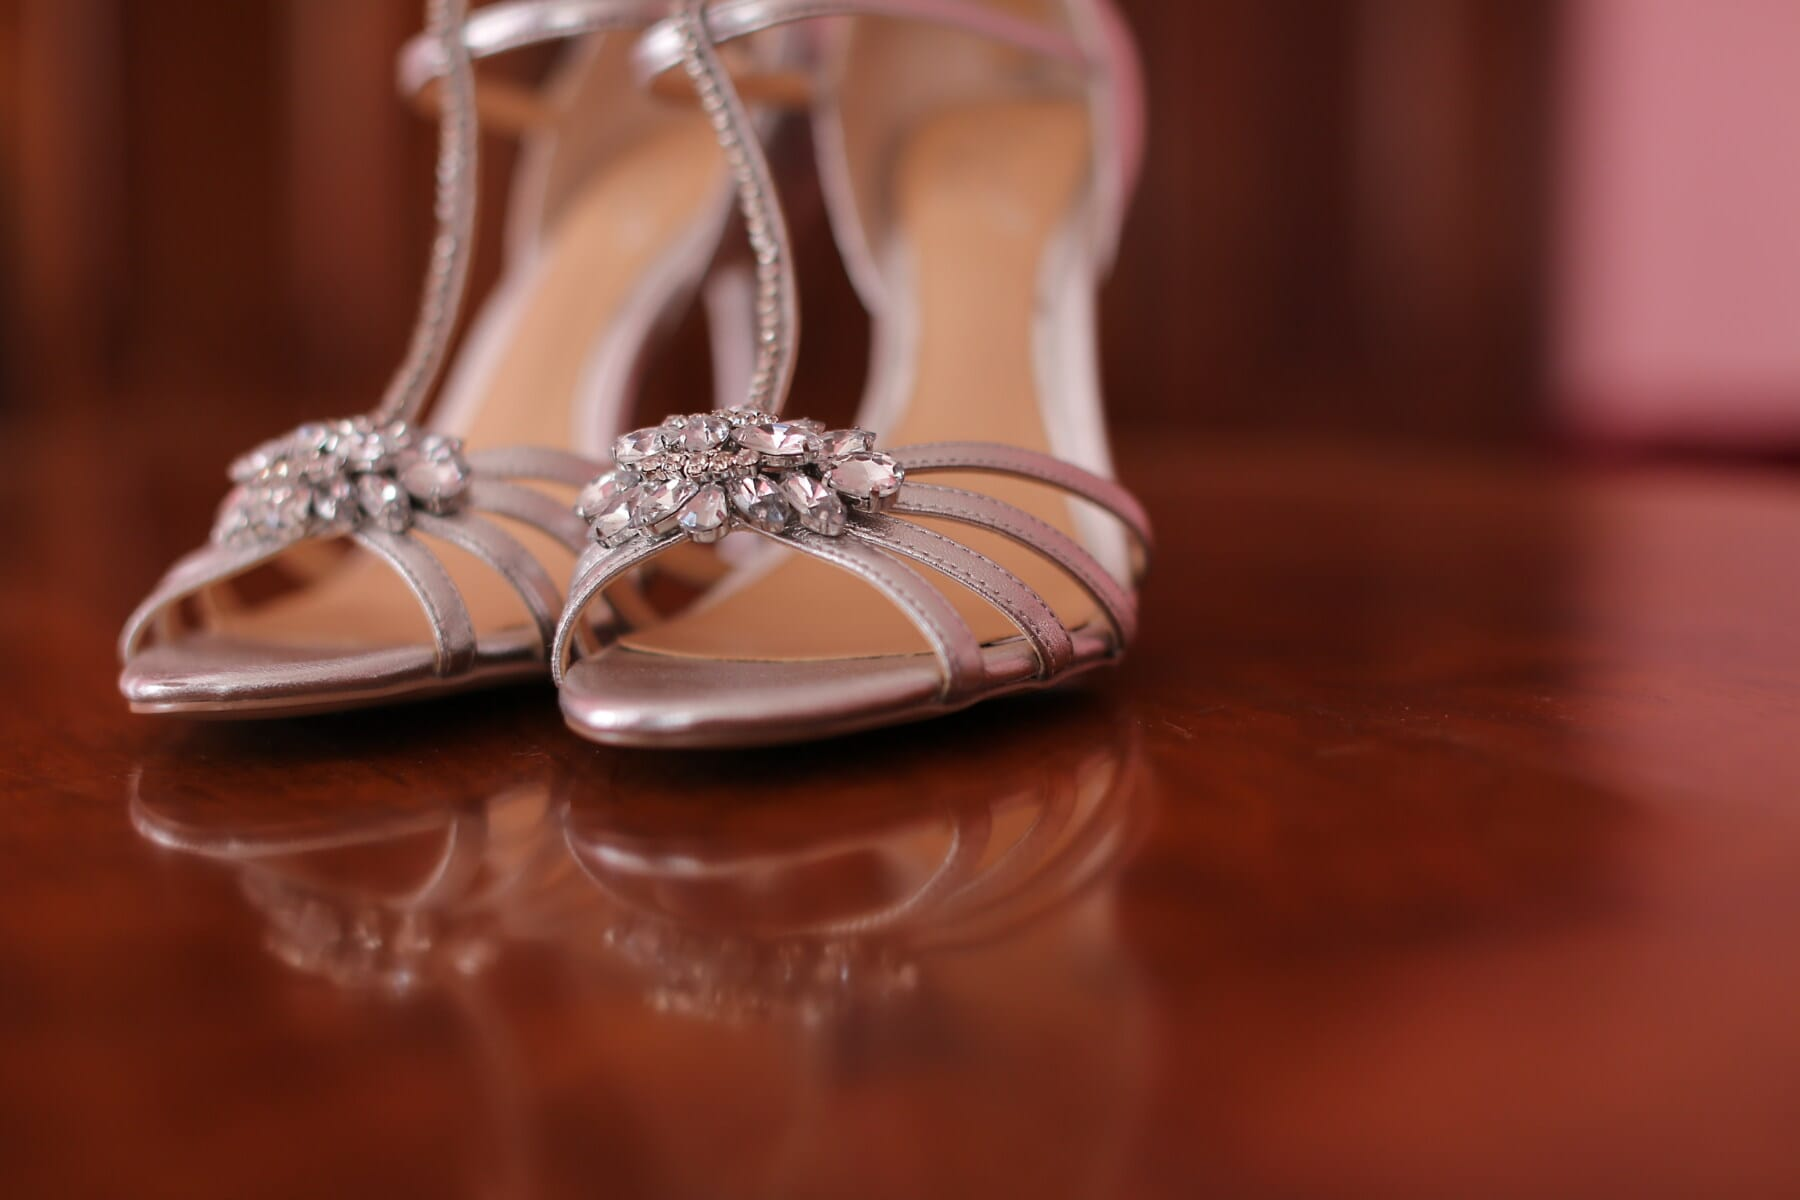 gioielli, cristallo, sandalo, scarpe, tacchi, Calzature, Scarpa, moda, splendente, elegante